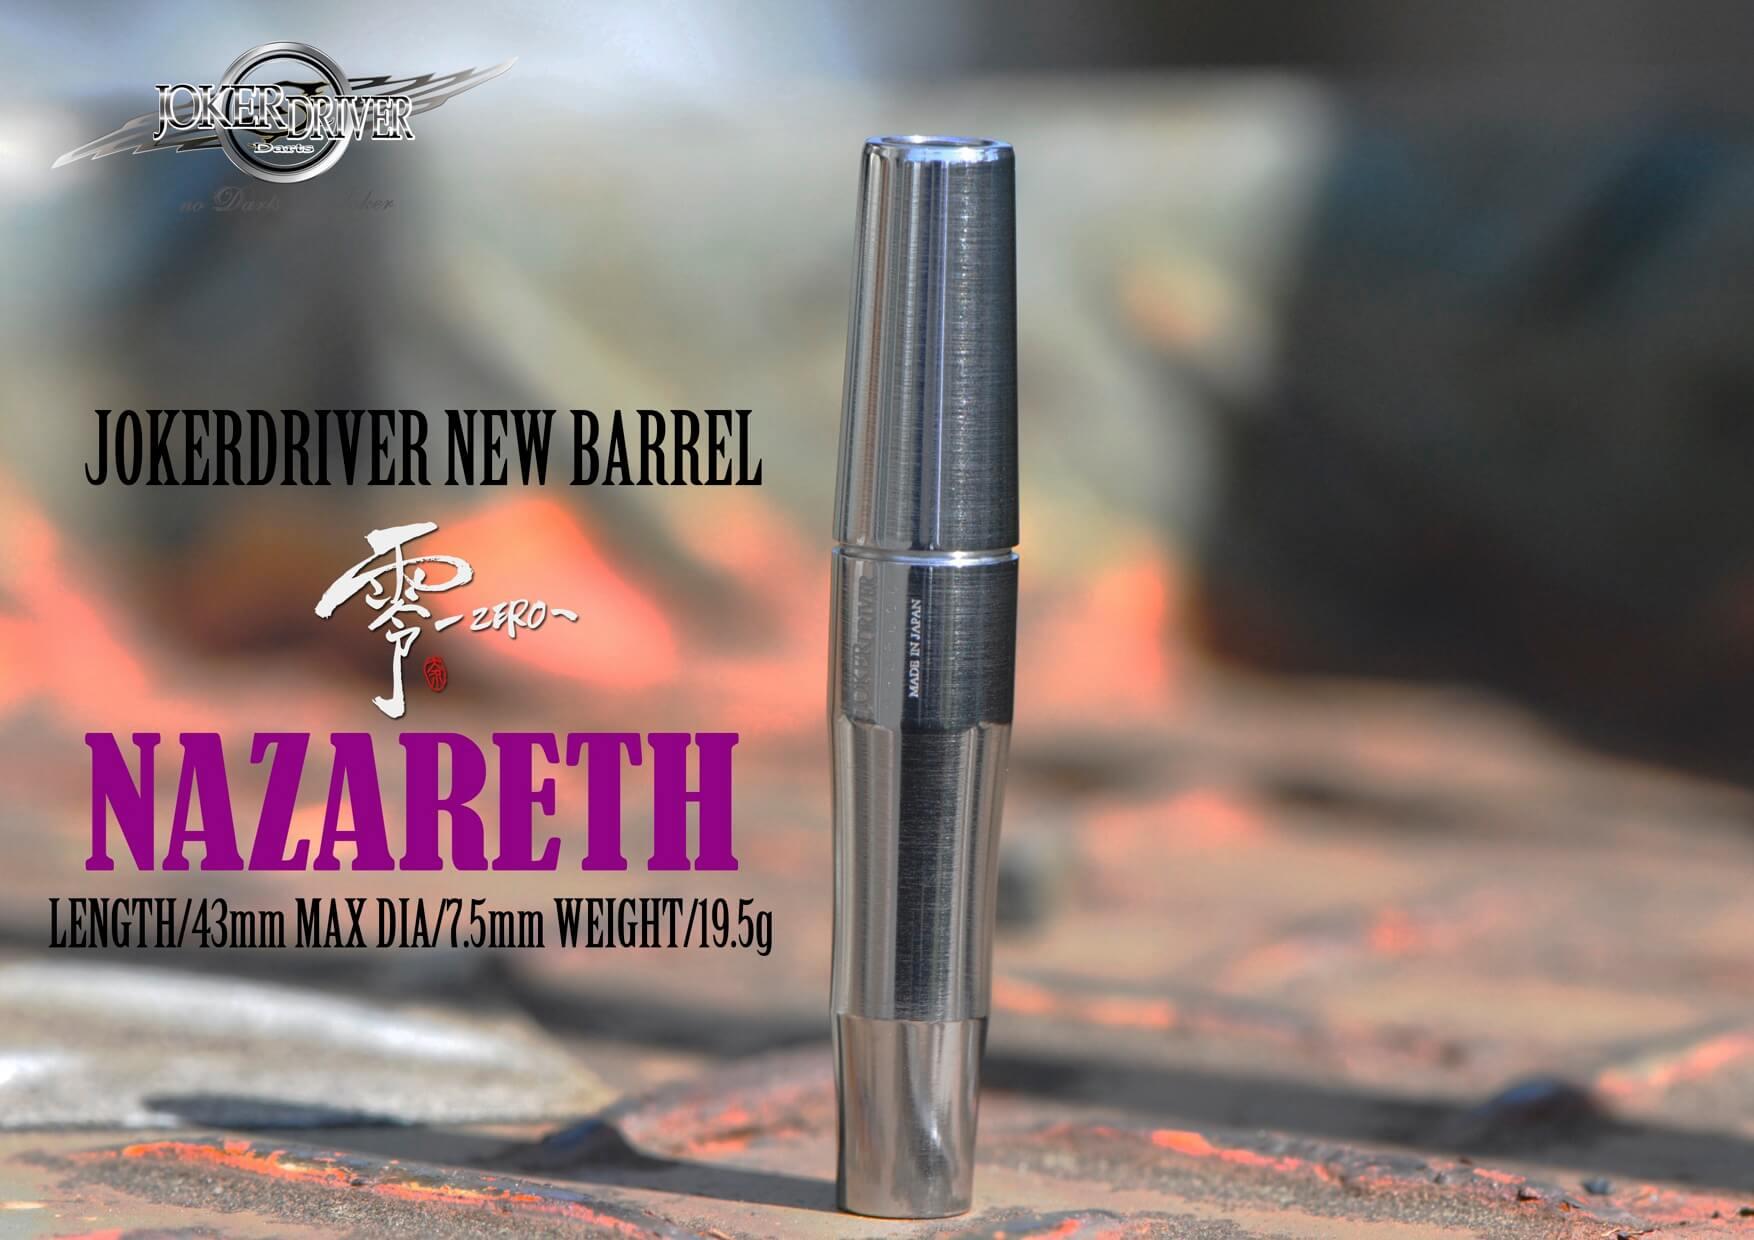 JOKERDRIVERのNEWバレル『零-ZERO-NAZARETH(ナザレス)』が12月14日に発売開始